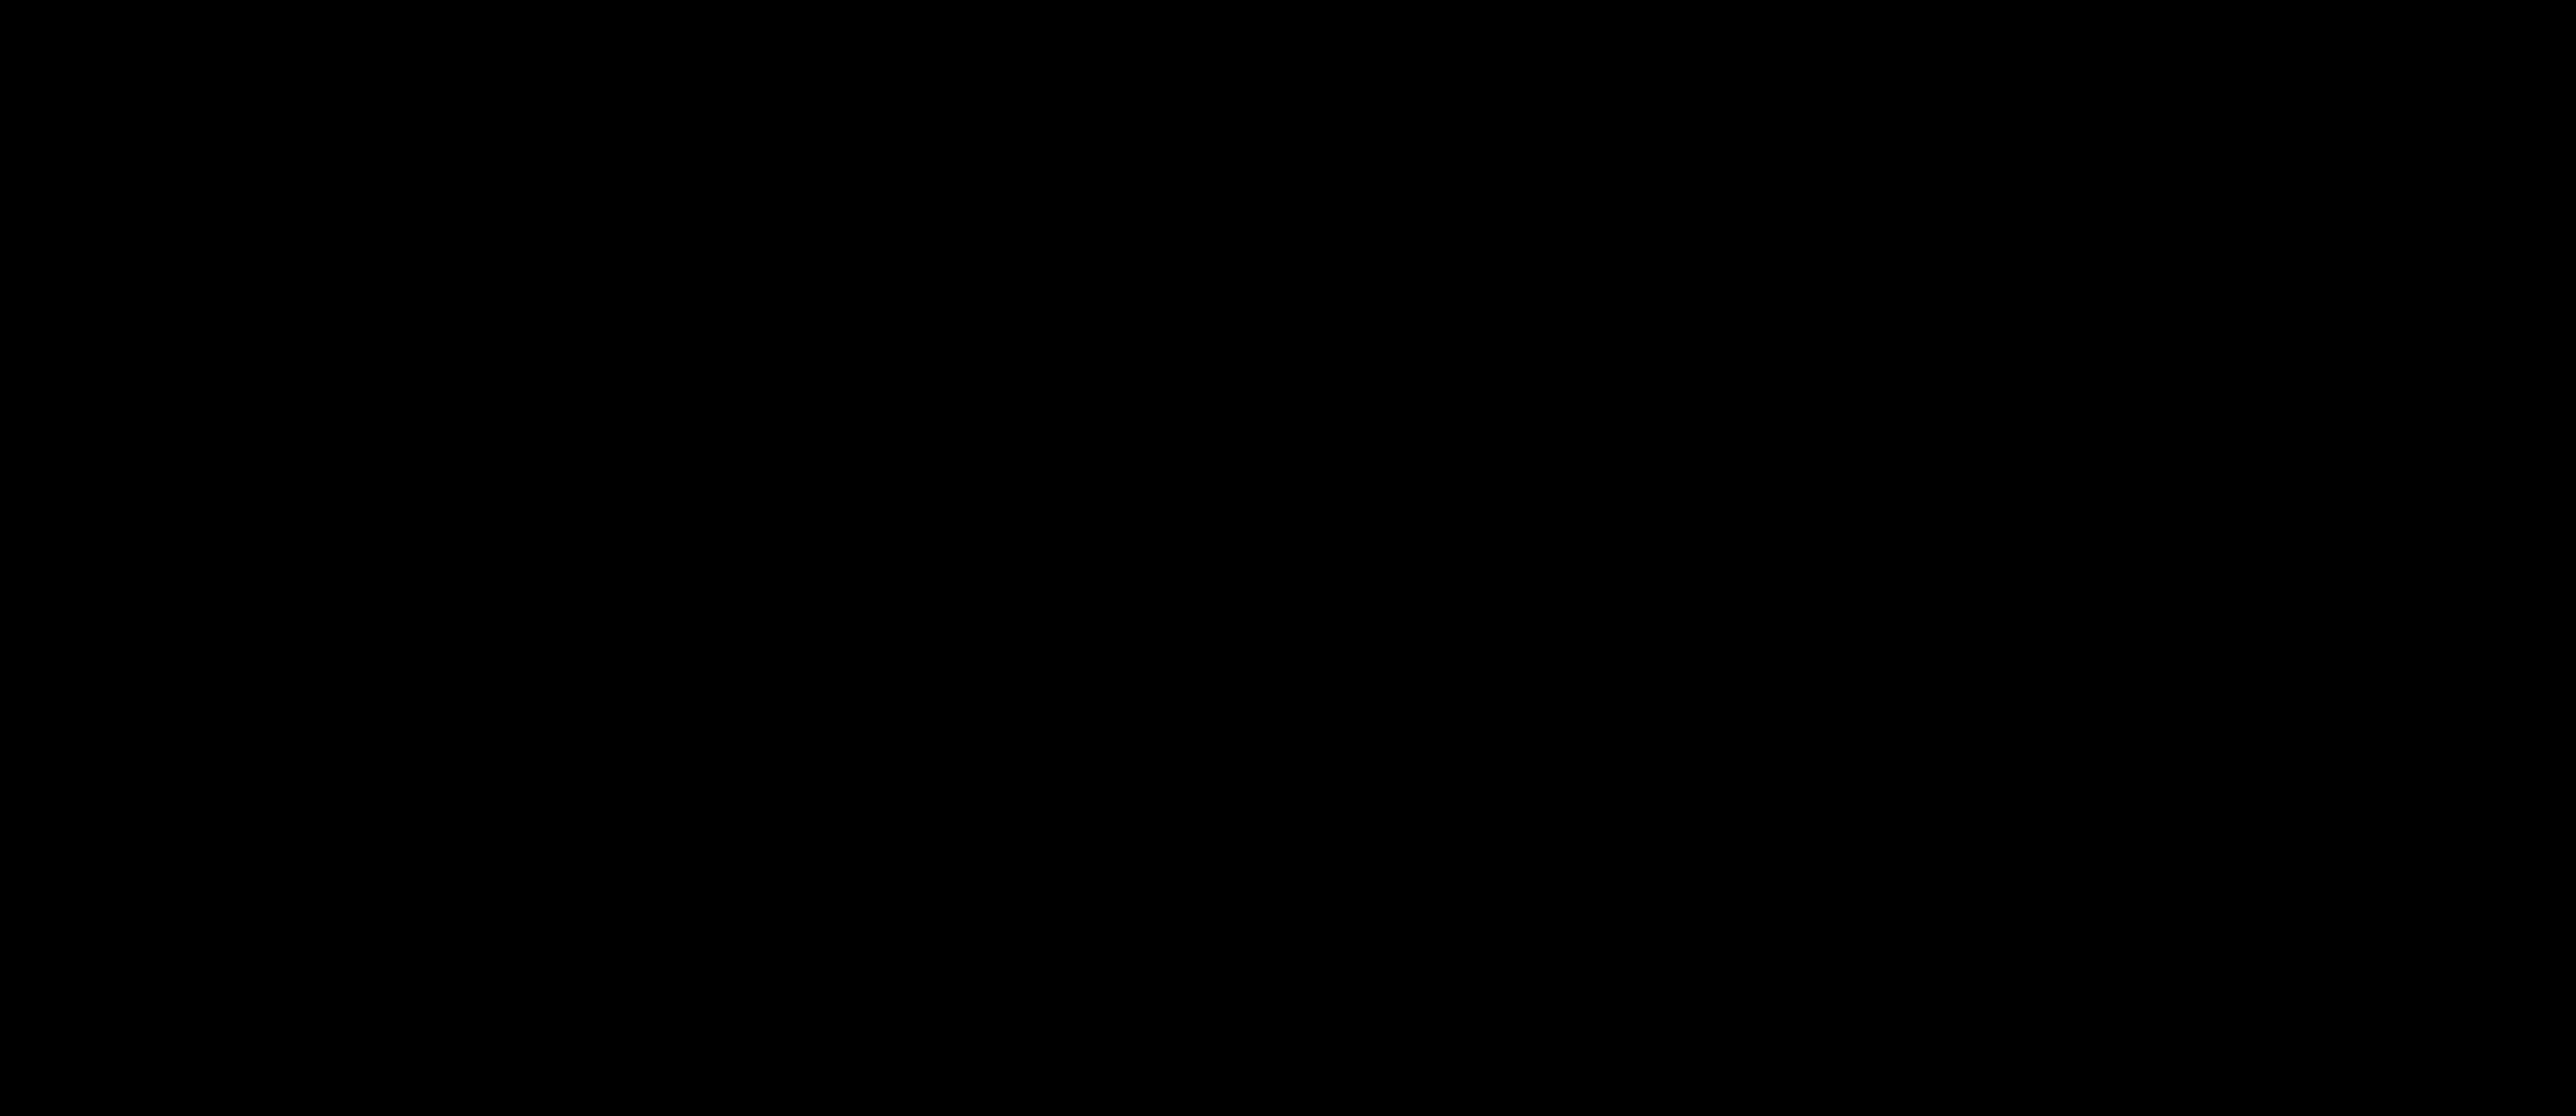 Sponsor Jubilation Skincare and massage